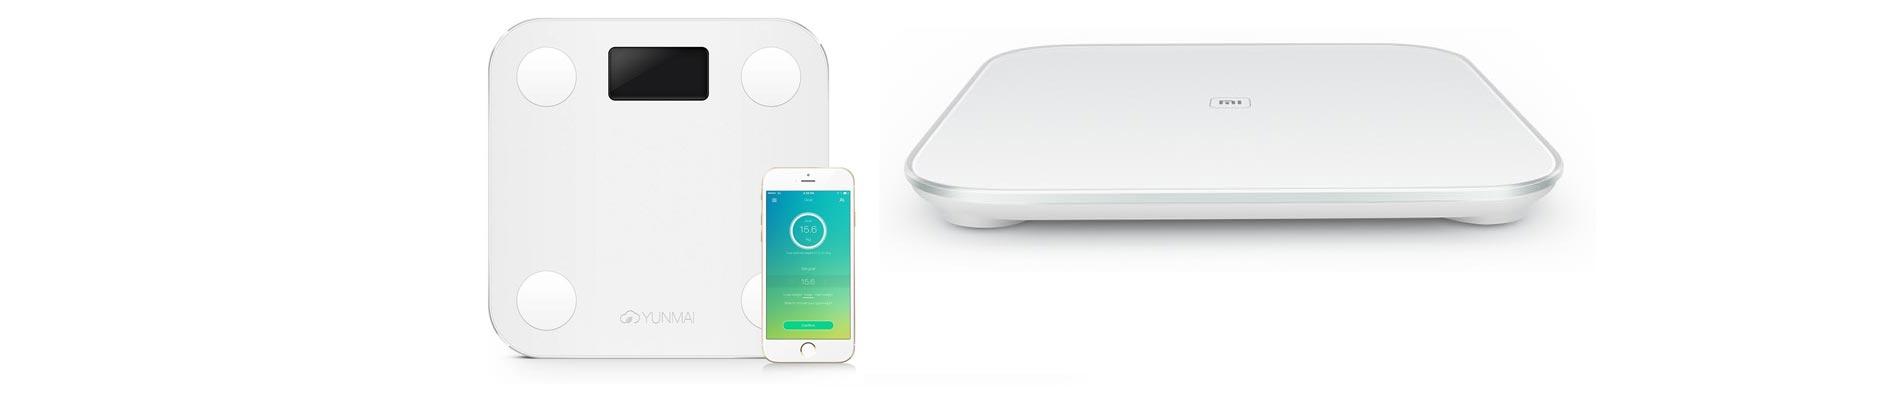 comparatif des balances connect e yunmai et xiaomi mi smart scale. Black Bedroom Furniture Sets. Home Design Ideas